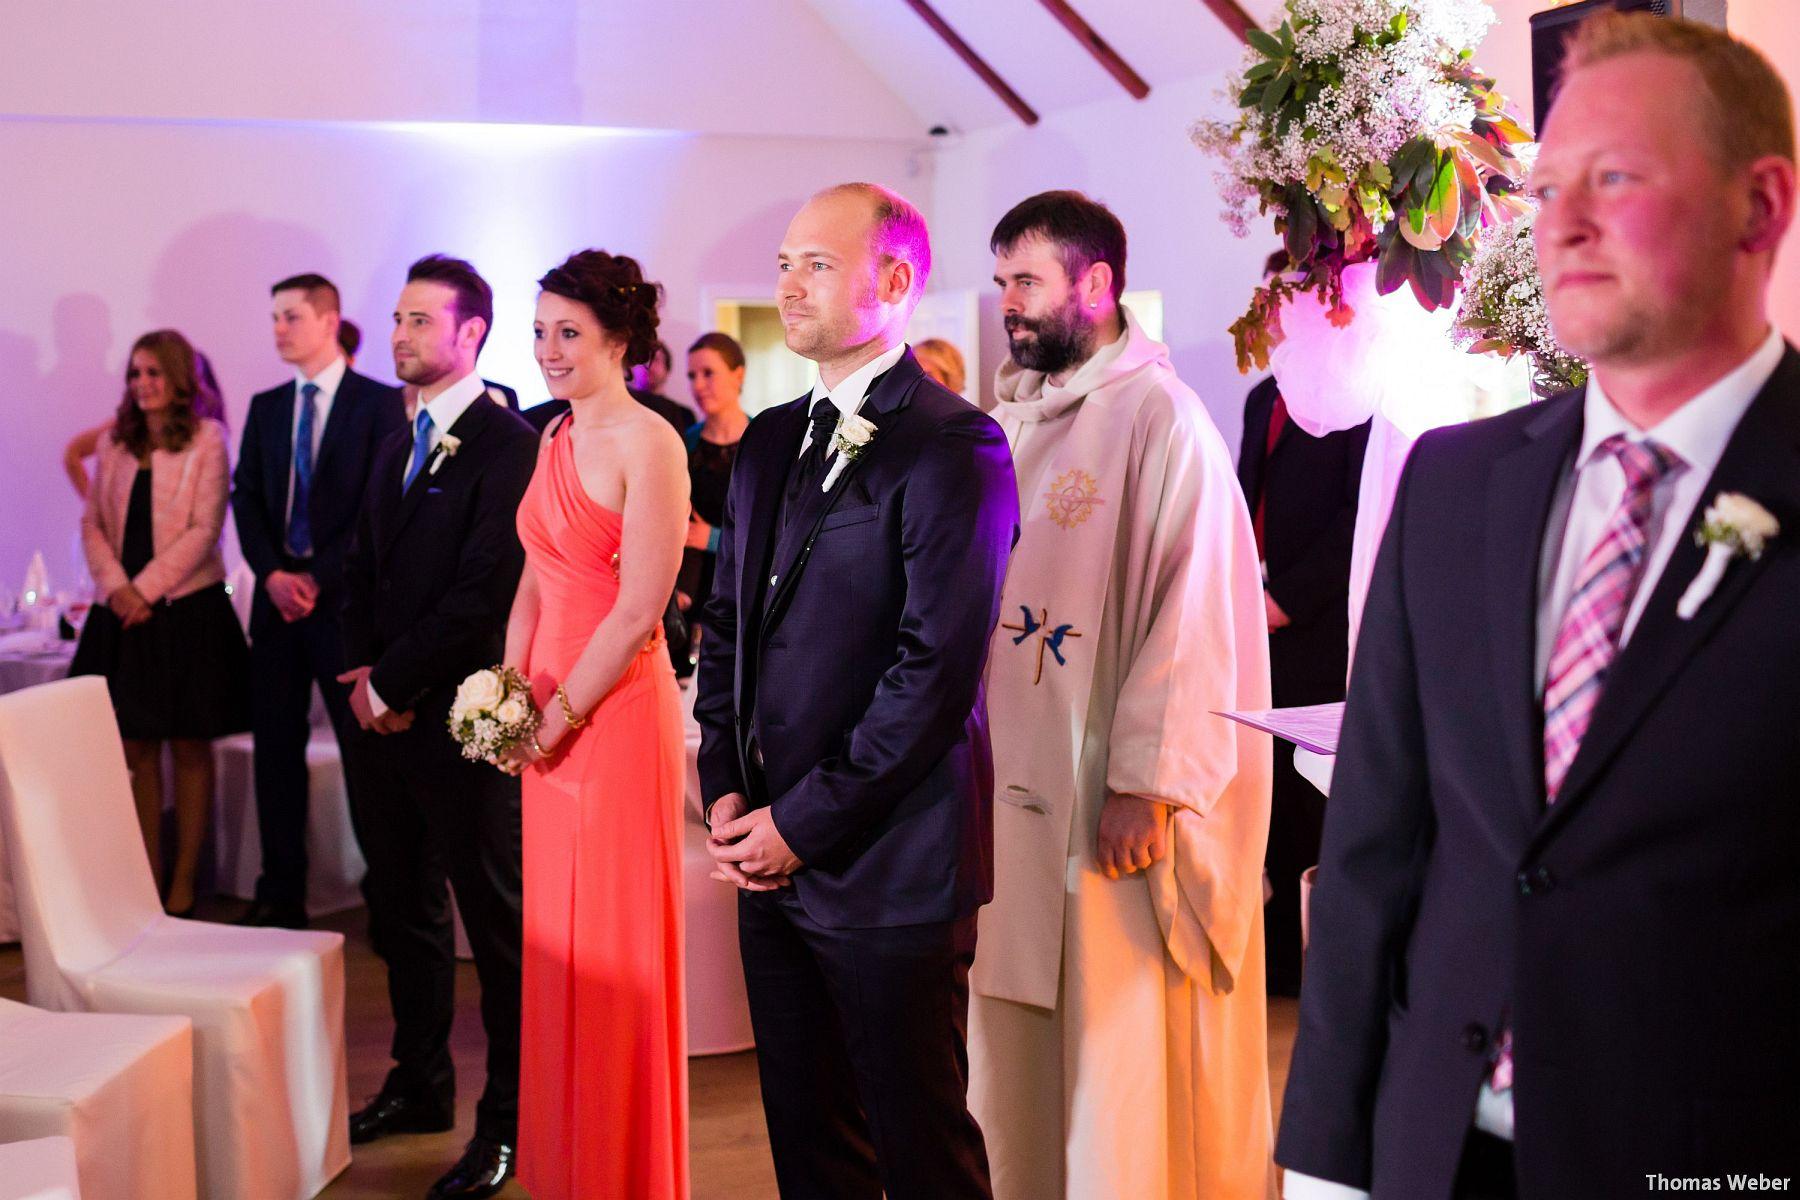 Hochzeitsfotograf Oldenburg: Hochzeit in der Eventscheune St. Georg in Rastede (42)